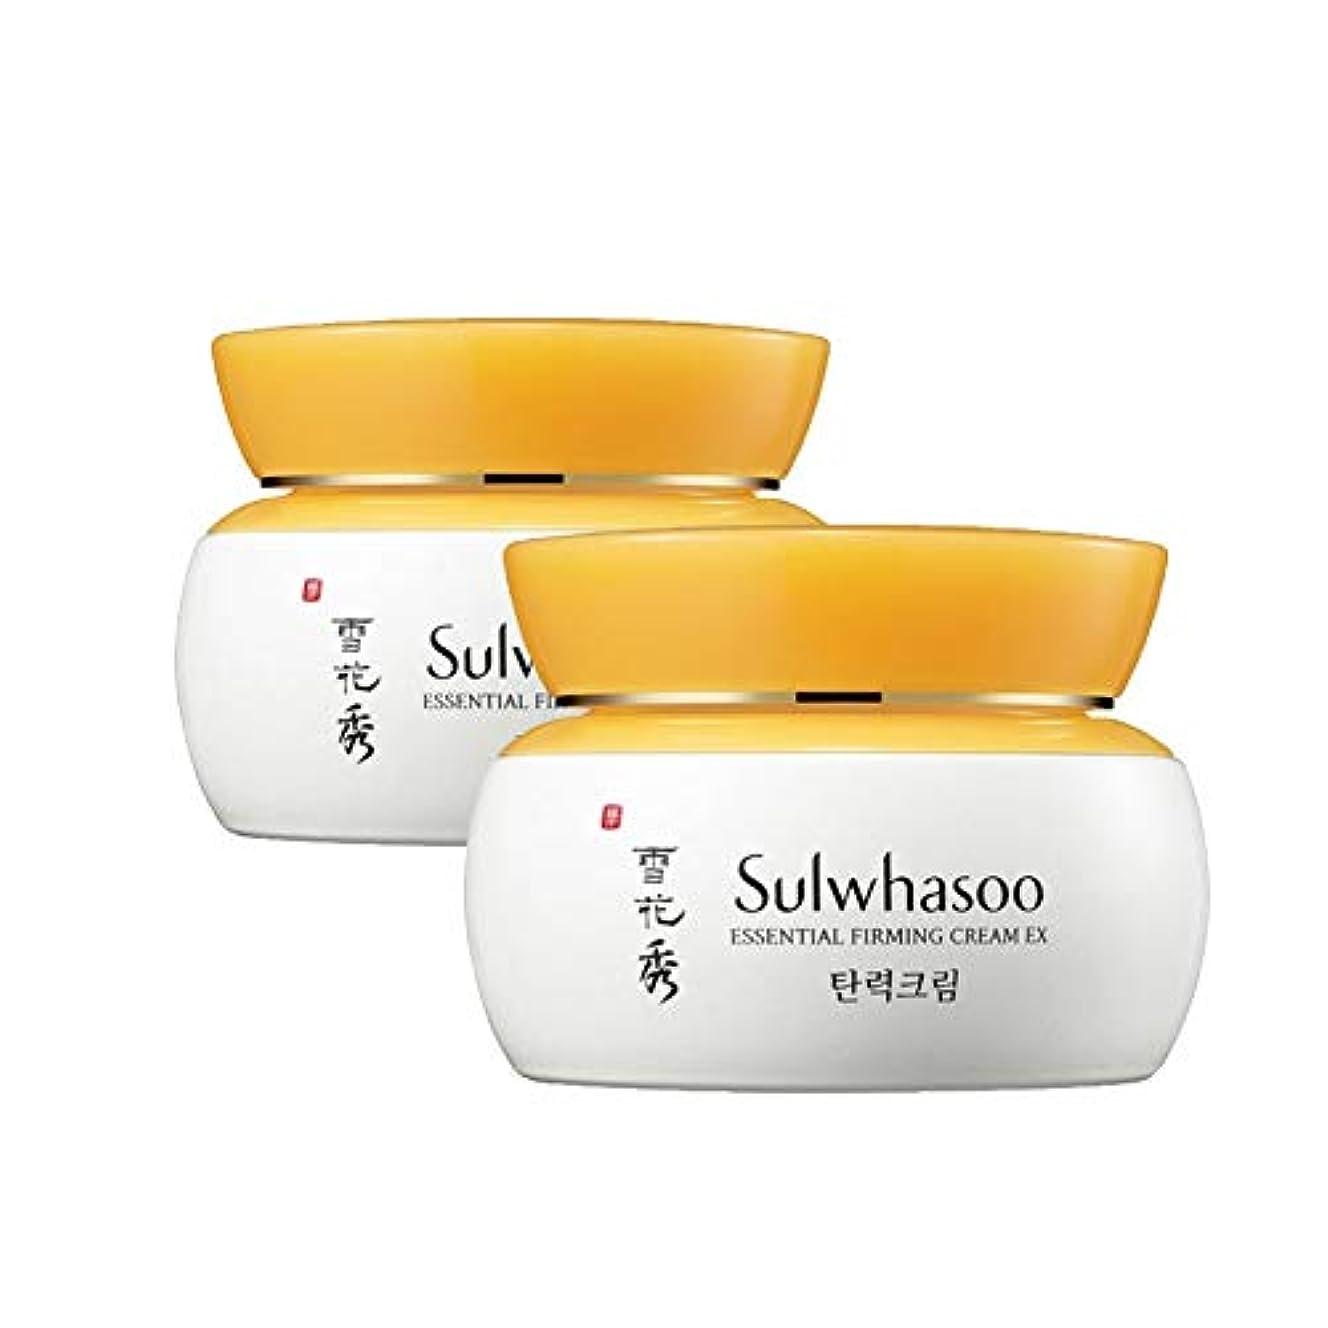 器具含める退化する雪花秀エッセンシャルパーミングクリーム 75mlx2本セット弾力クリーム韓国コスメ、Sulwhasoo Essential Firming Cream 75ml x 2ea Set Korean Cosmetics [並行輸入品]